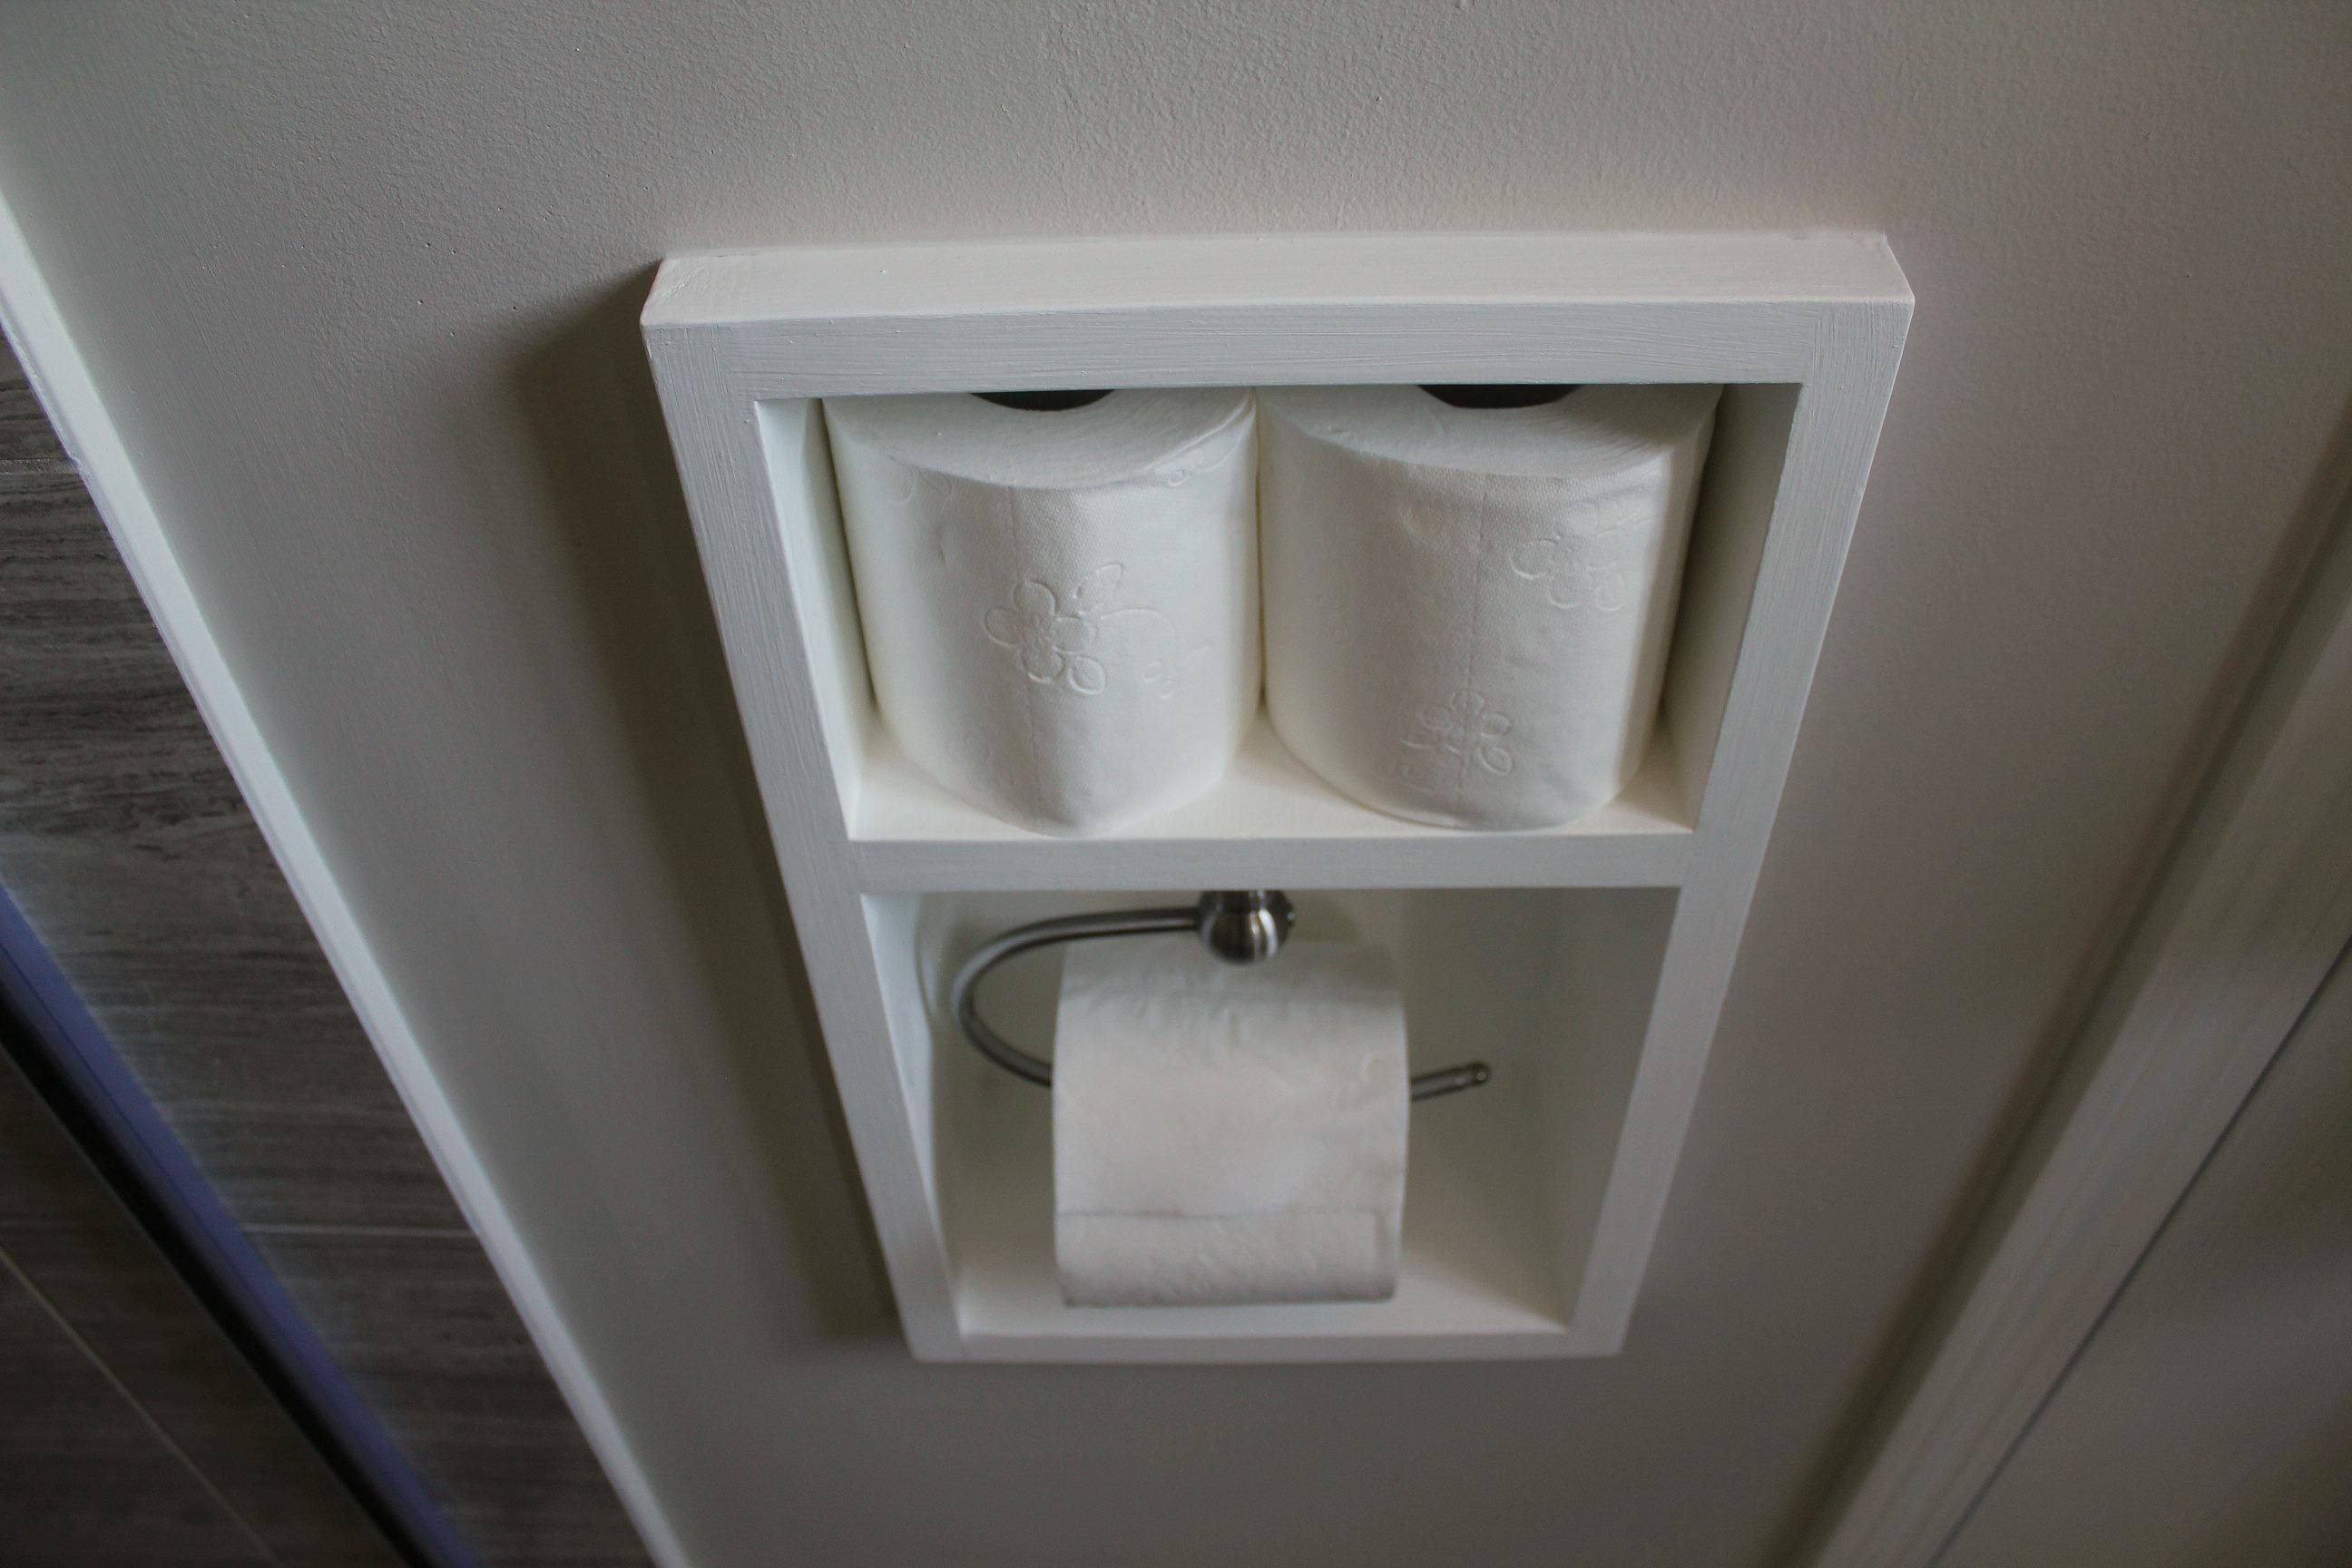 Держатель для туалетной бумаги в нише